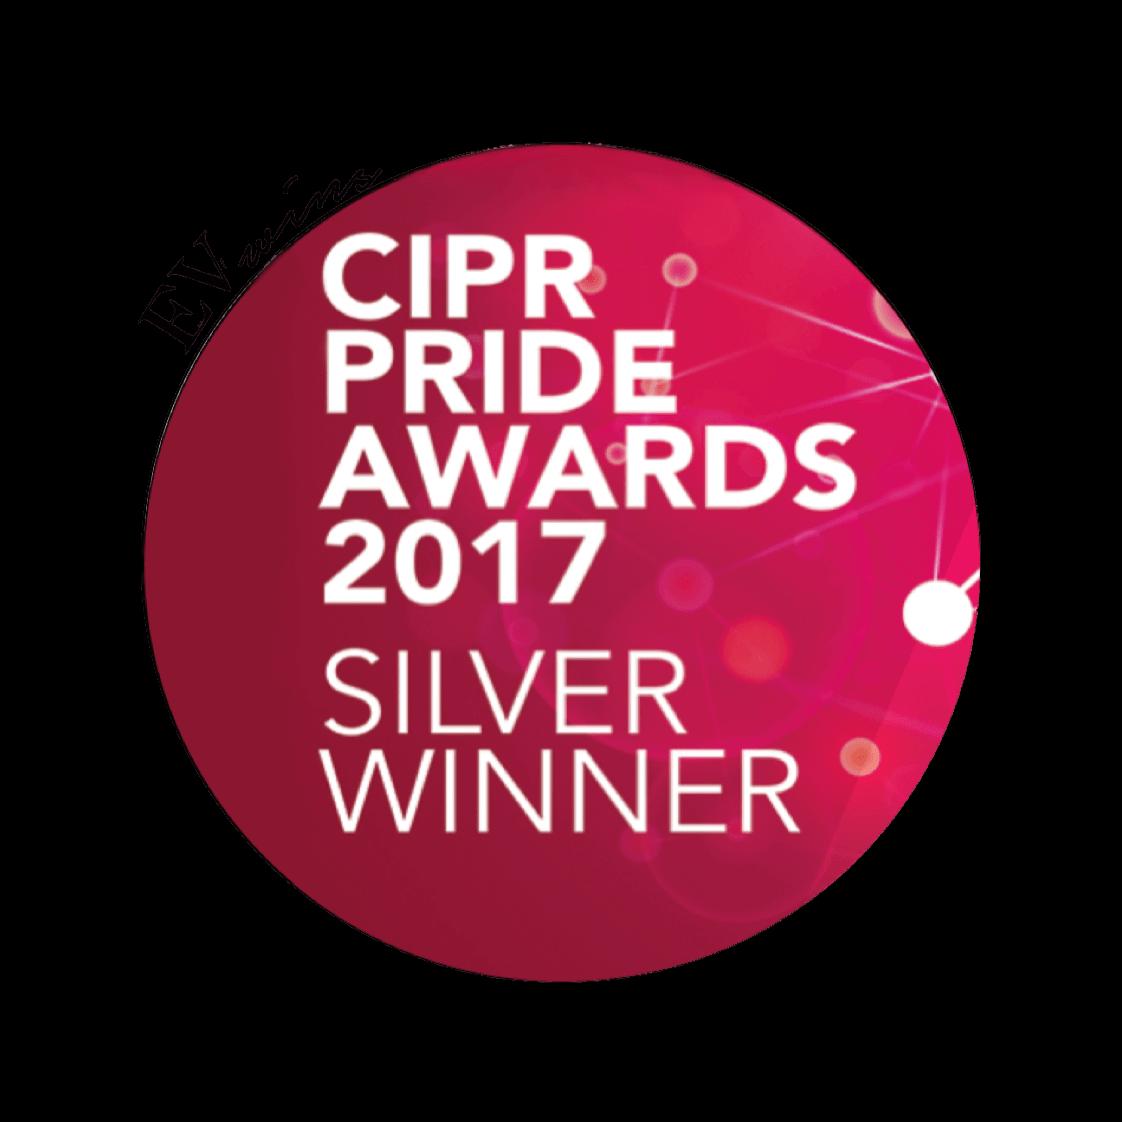 CIPR-Pride-Awards-Midlands